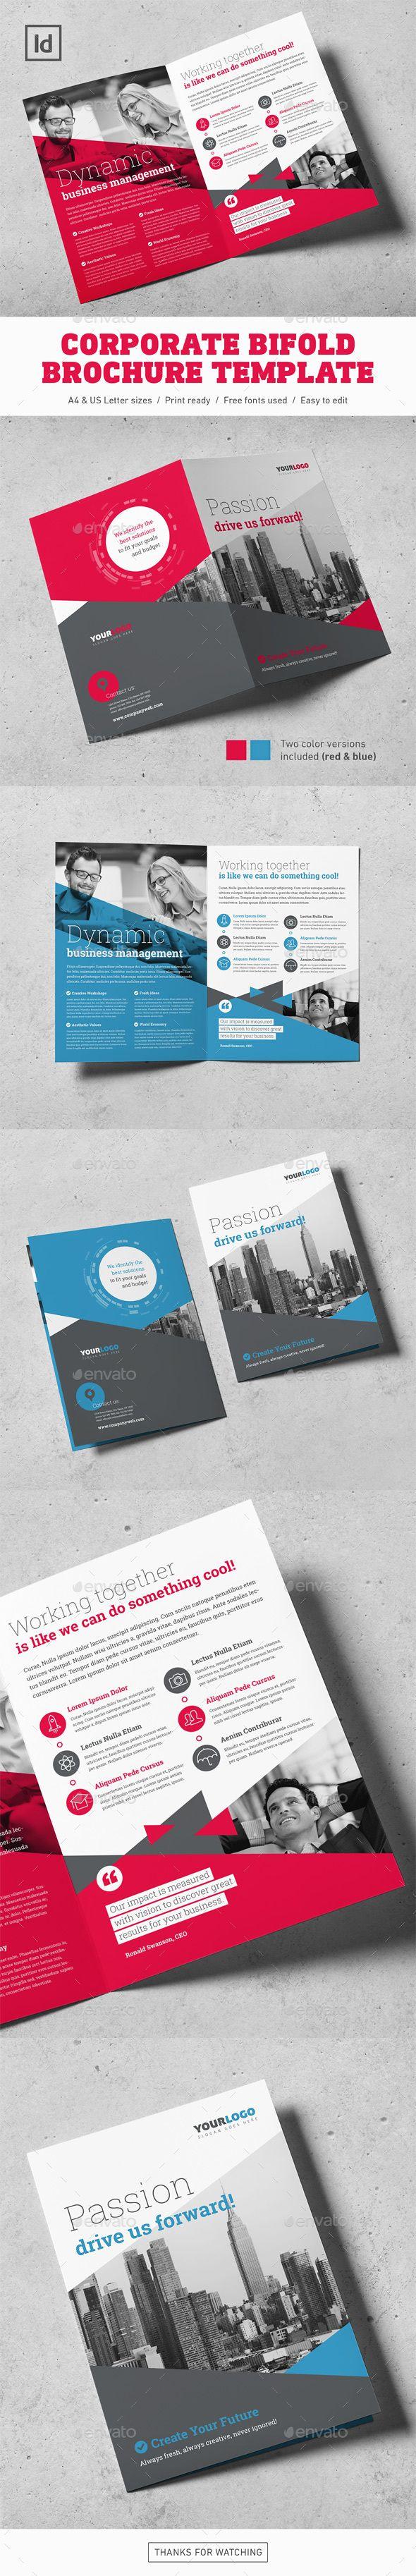 8 5x11 tri fold brochure template - best 25 bi fold brochure ideas on pinterest tri fold